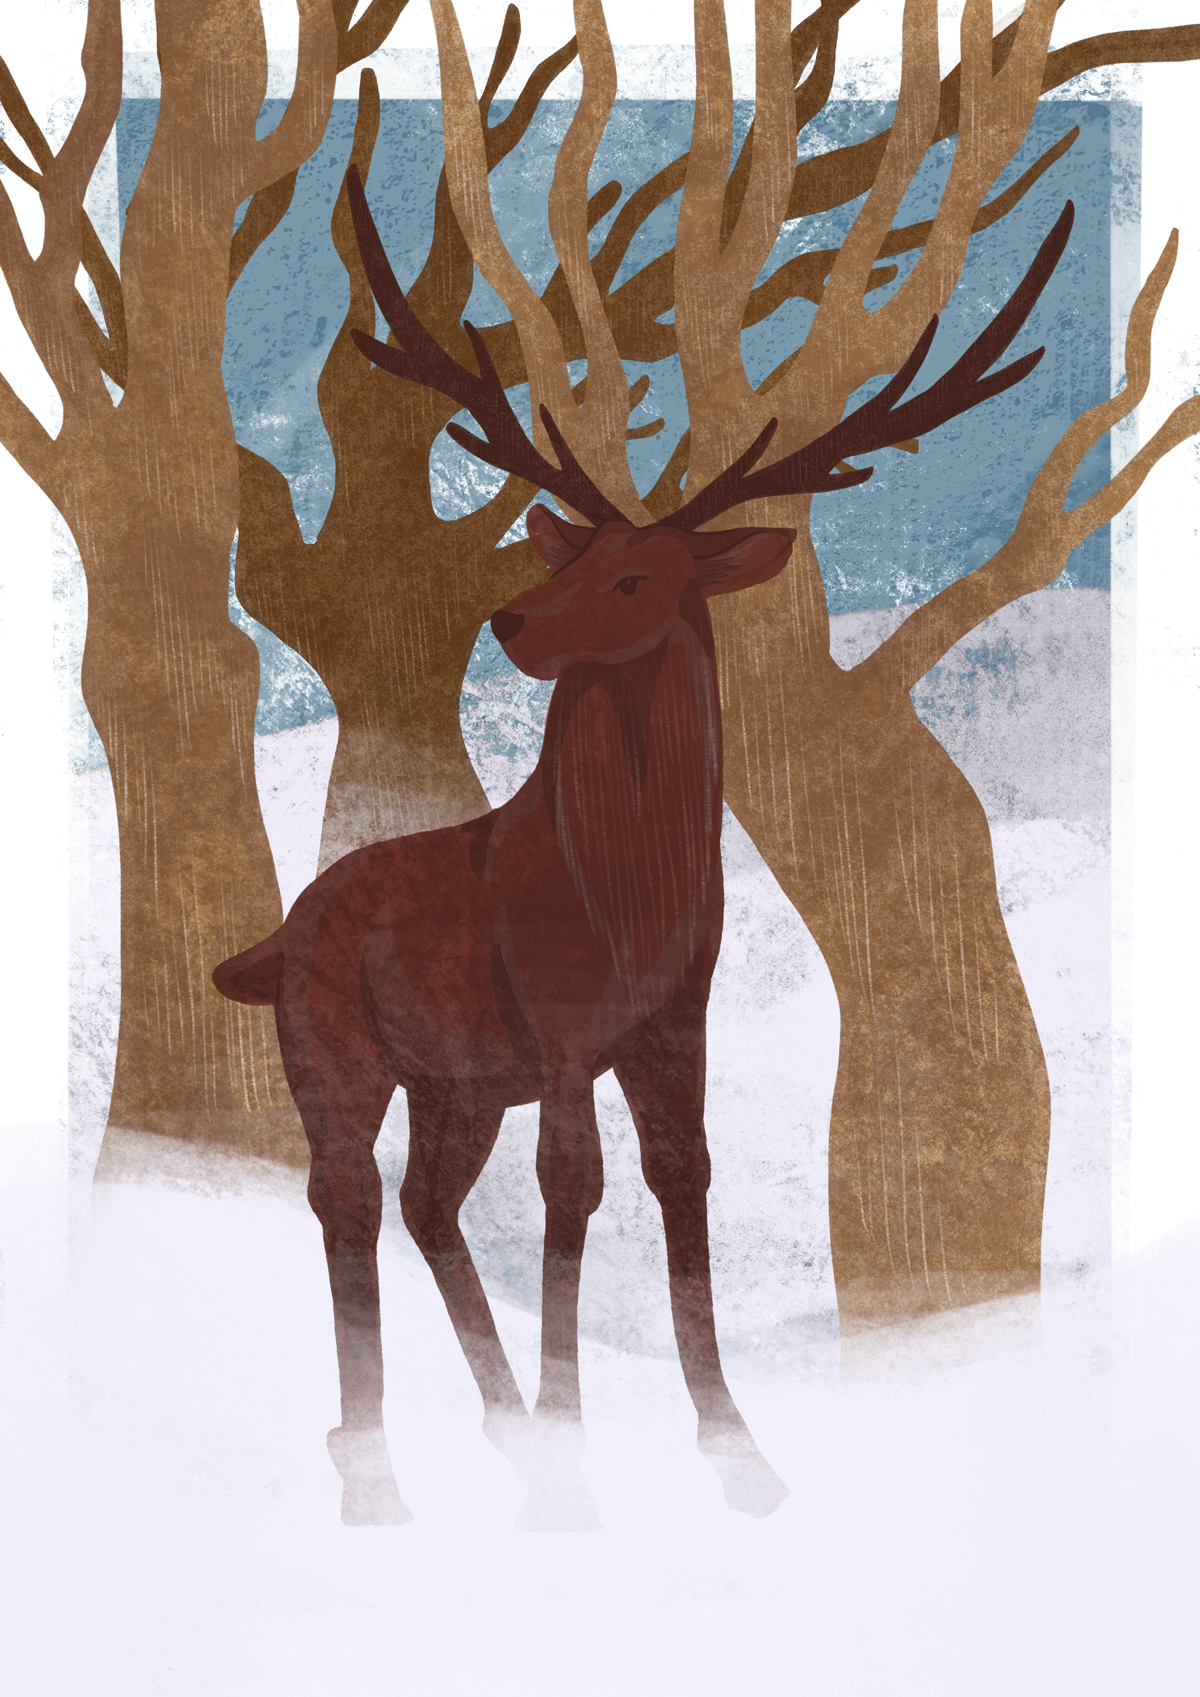 Cerf dans la neige devant des arbres